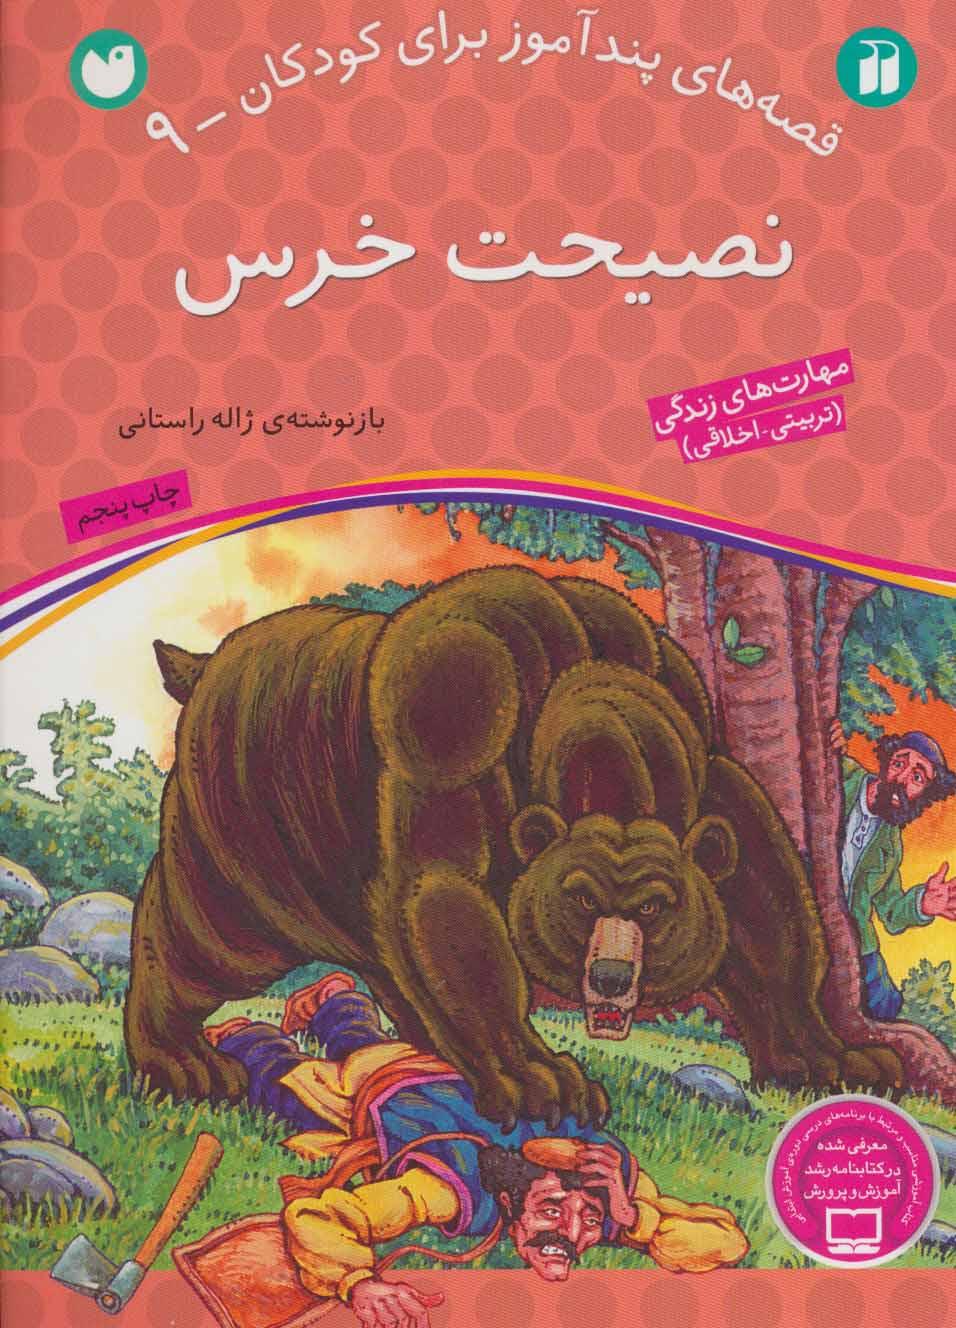 نصیحت خرس (قصه های پندآموز برای کودکان 9)